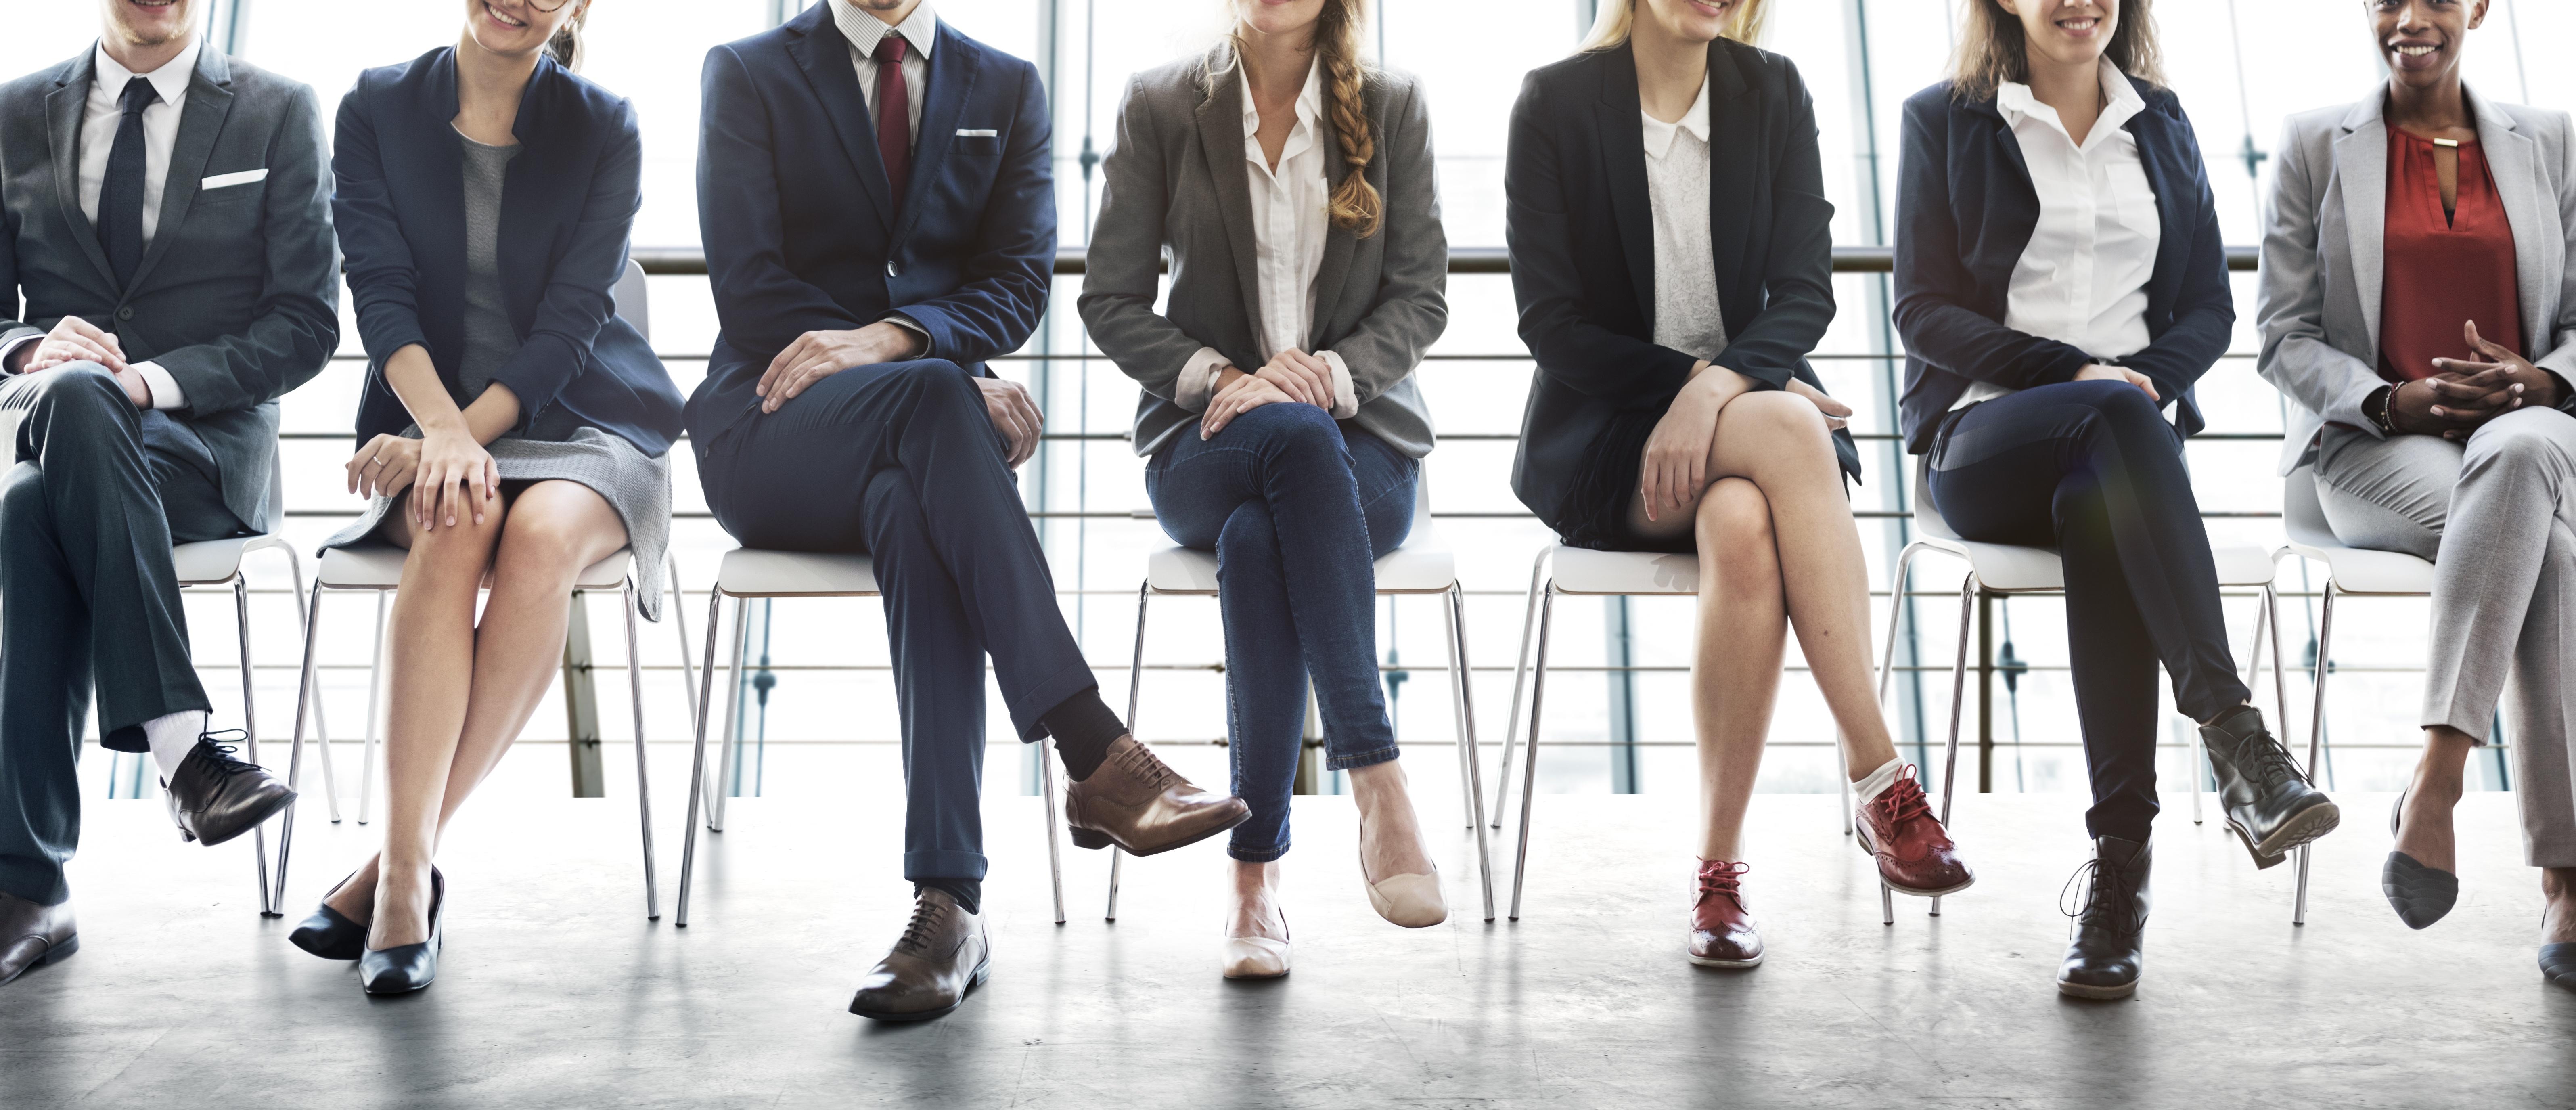 3 Pieces to Building a Healthy Sales Culture